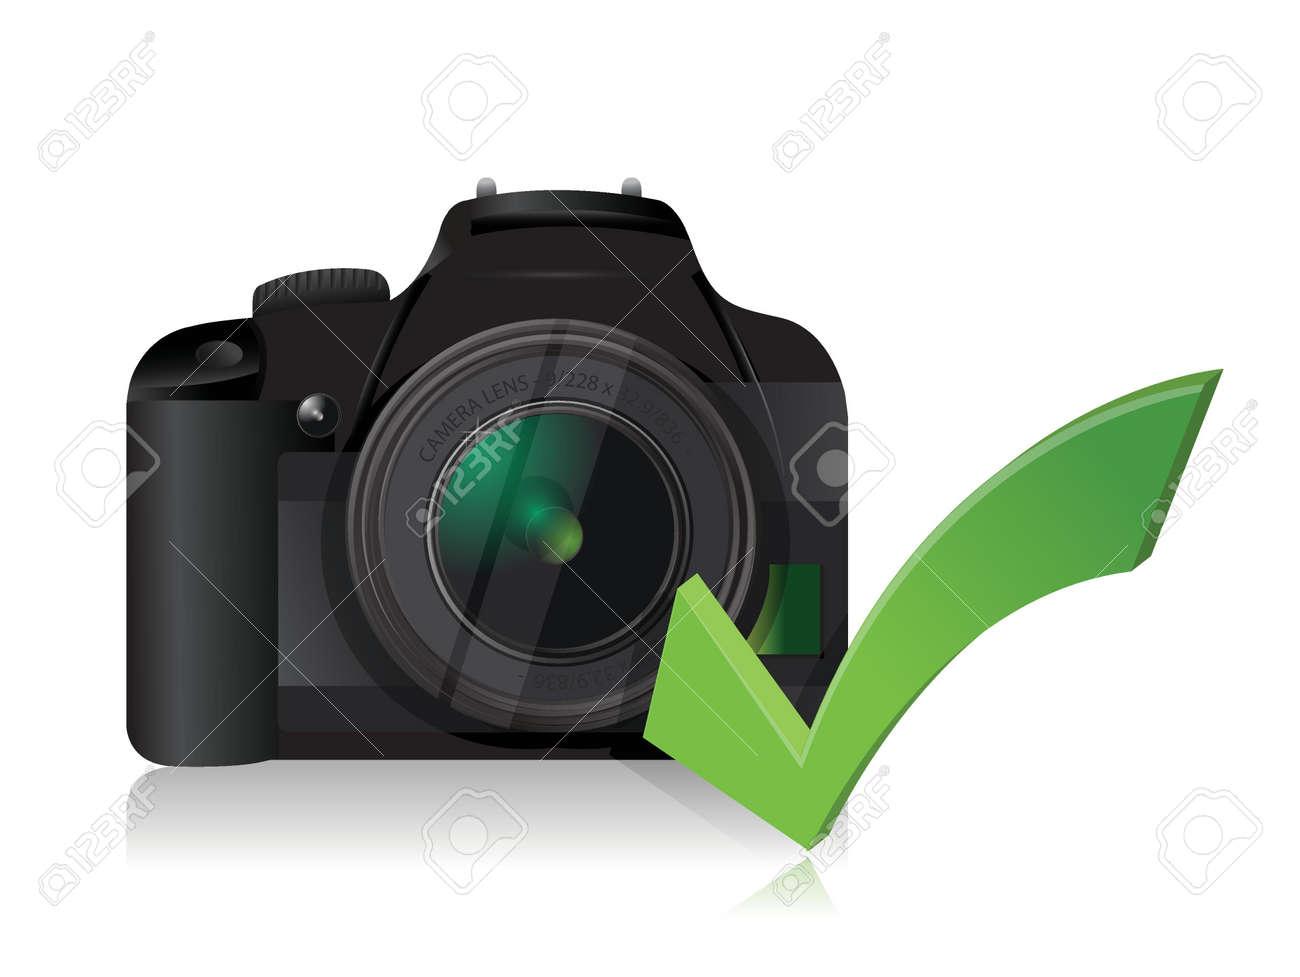 カメラが白地に細かいイラスト デザインを作動 ロイヤリティフリー